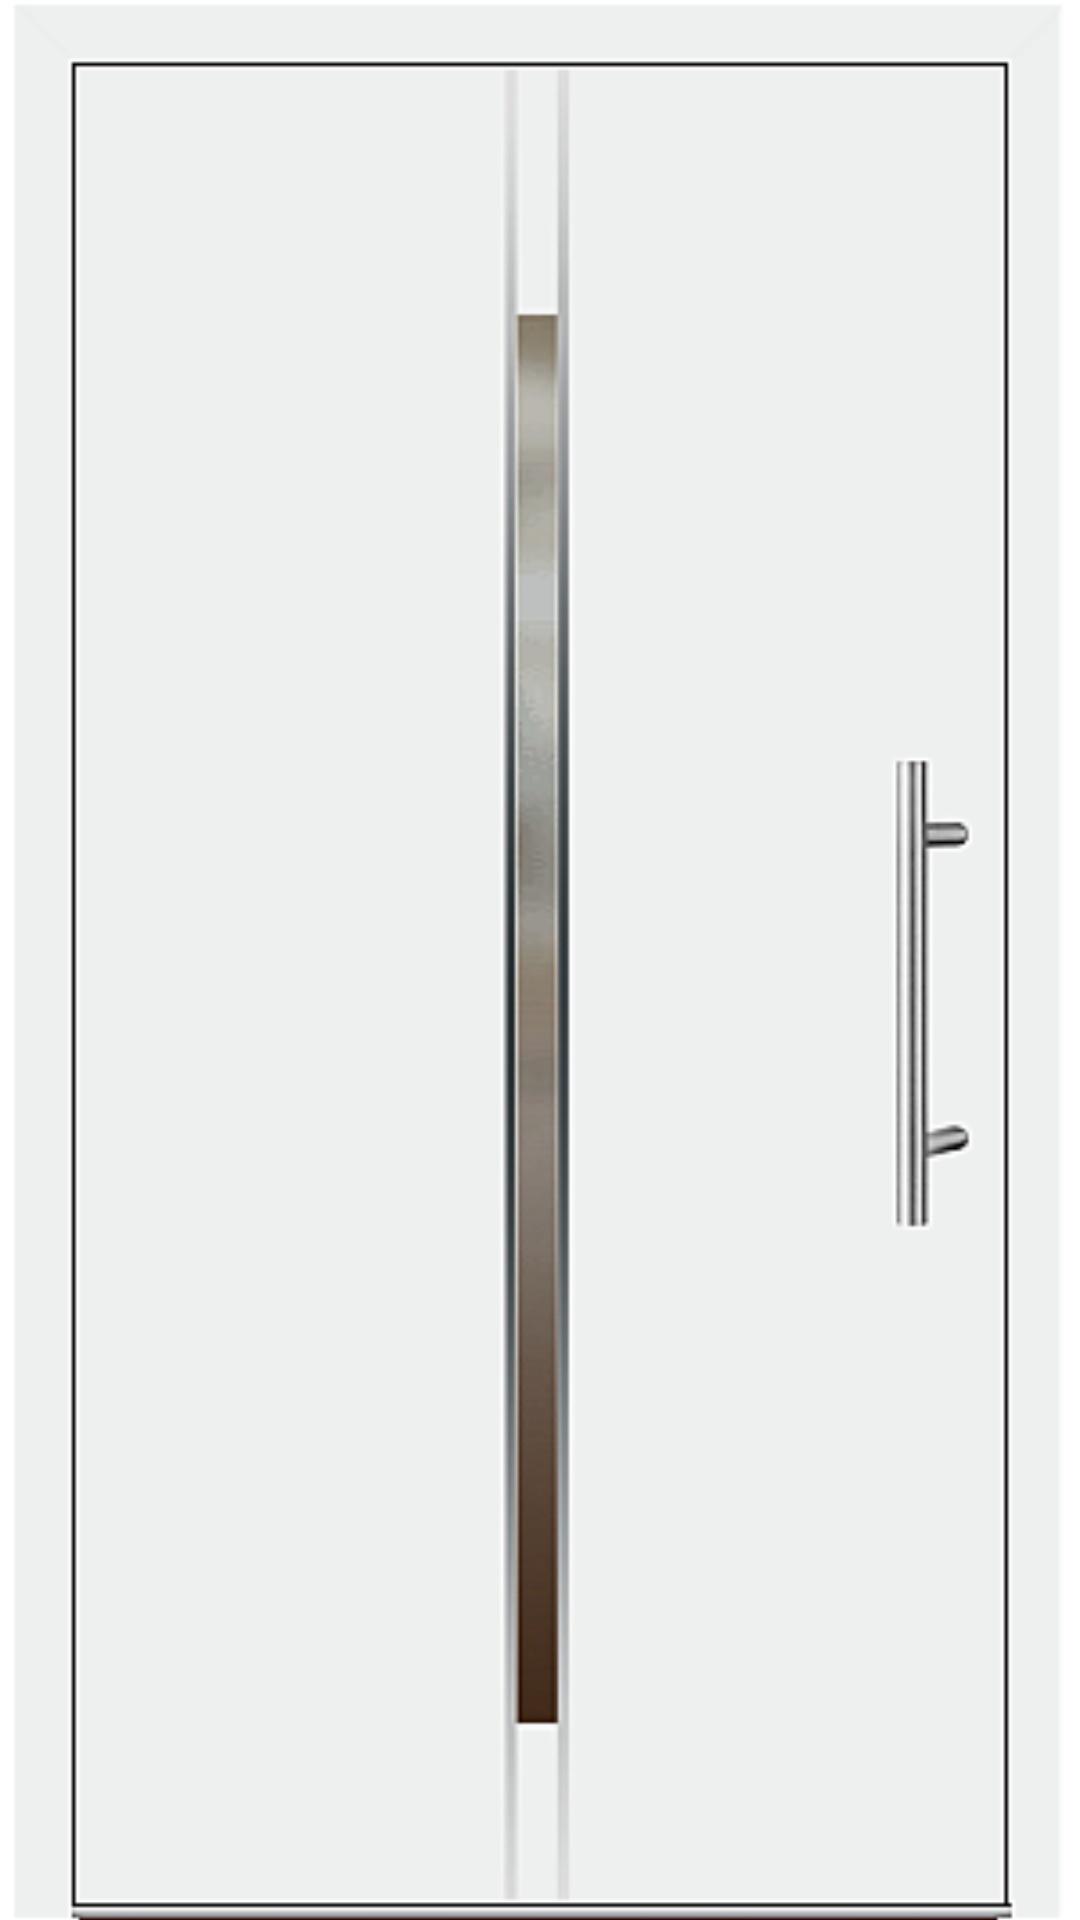 Kunststoff Haustür Modell 6864-53 weiß